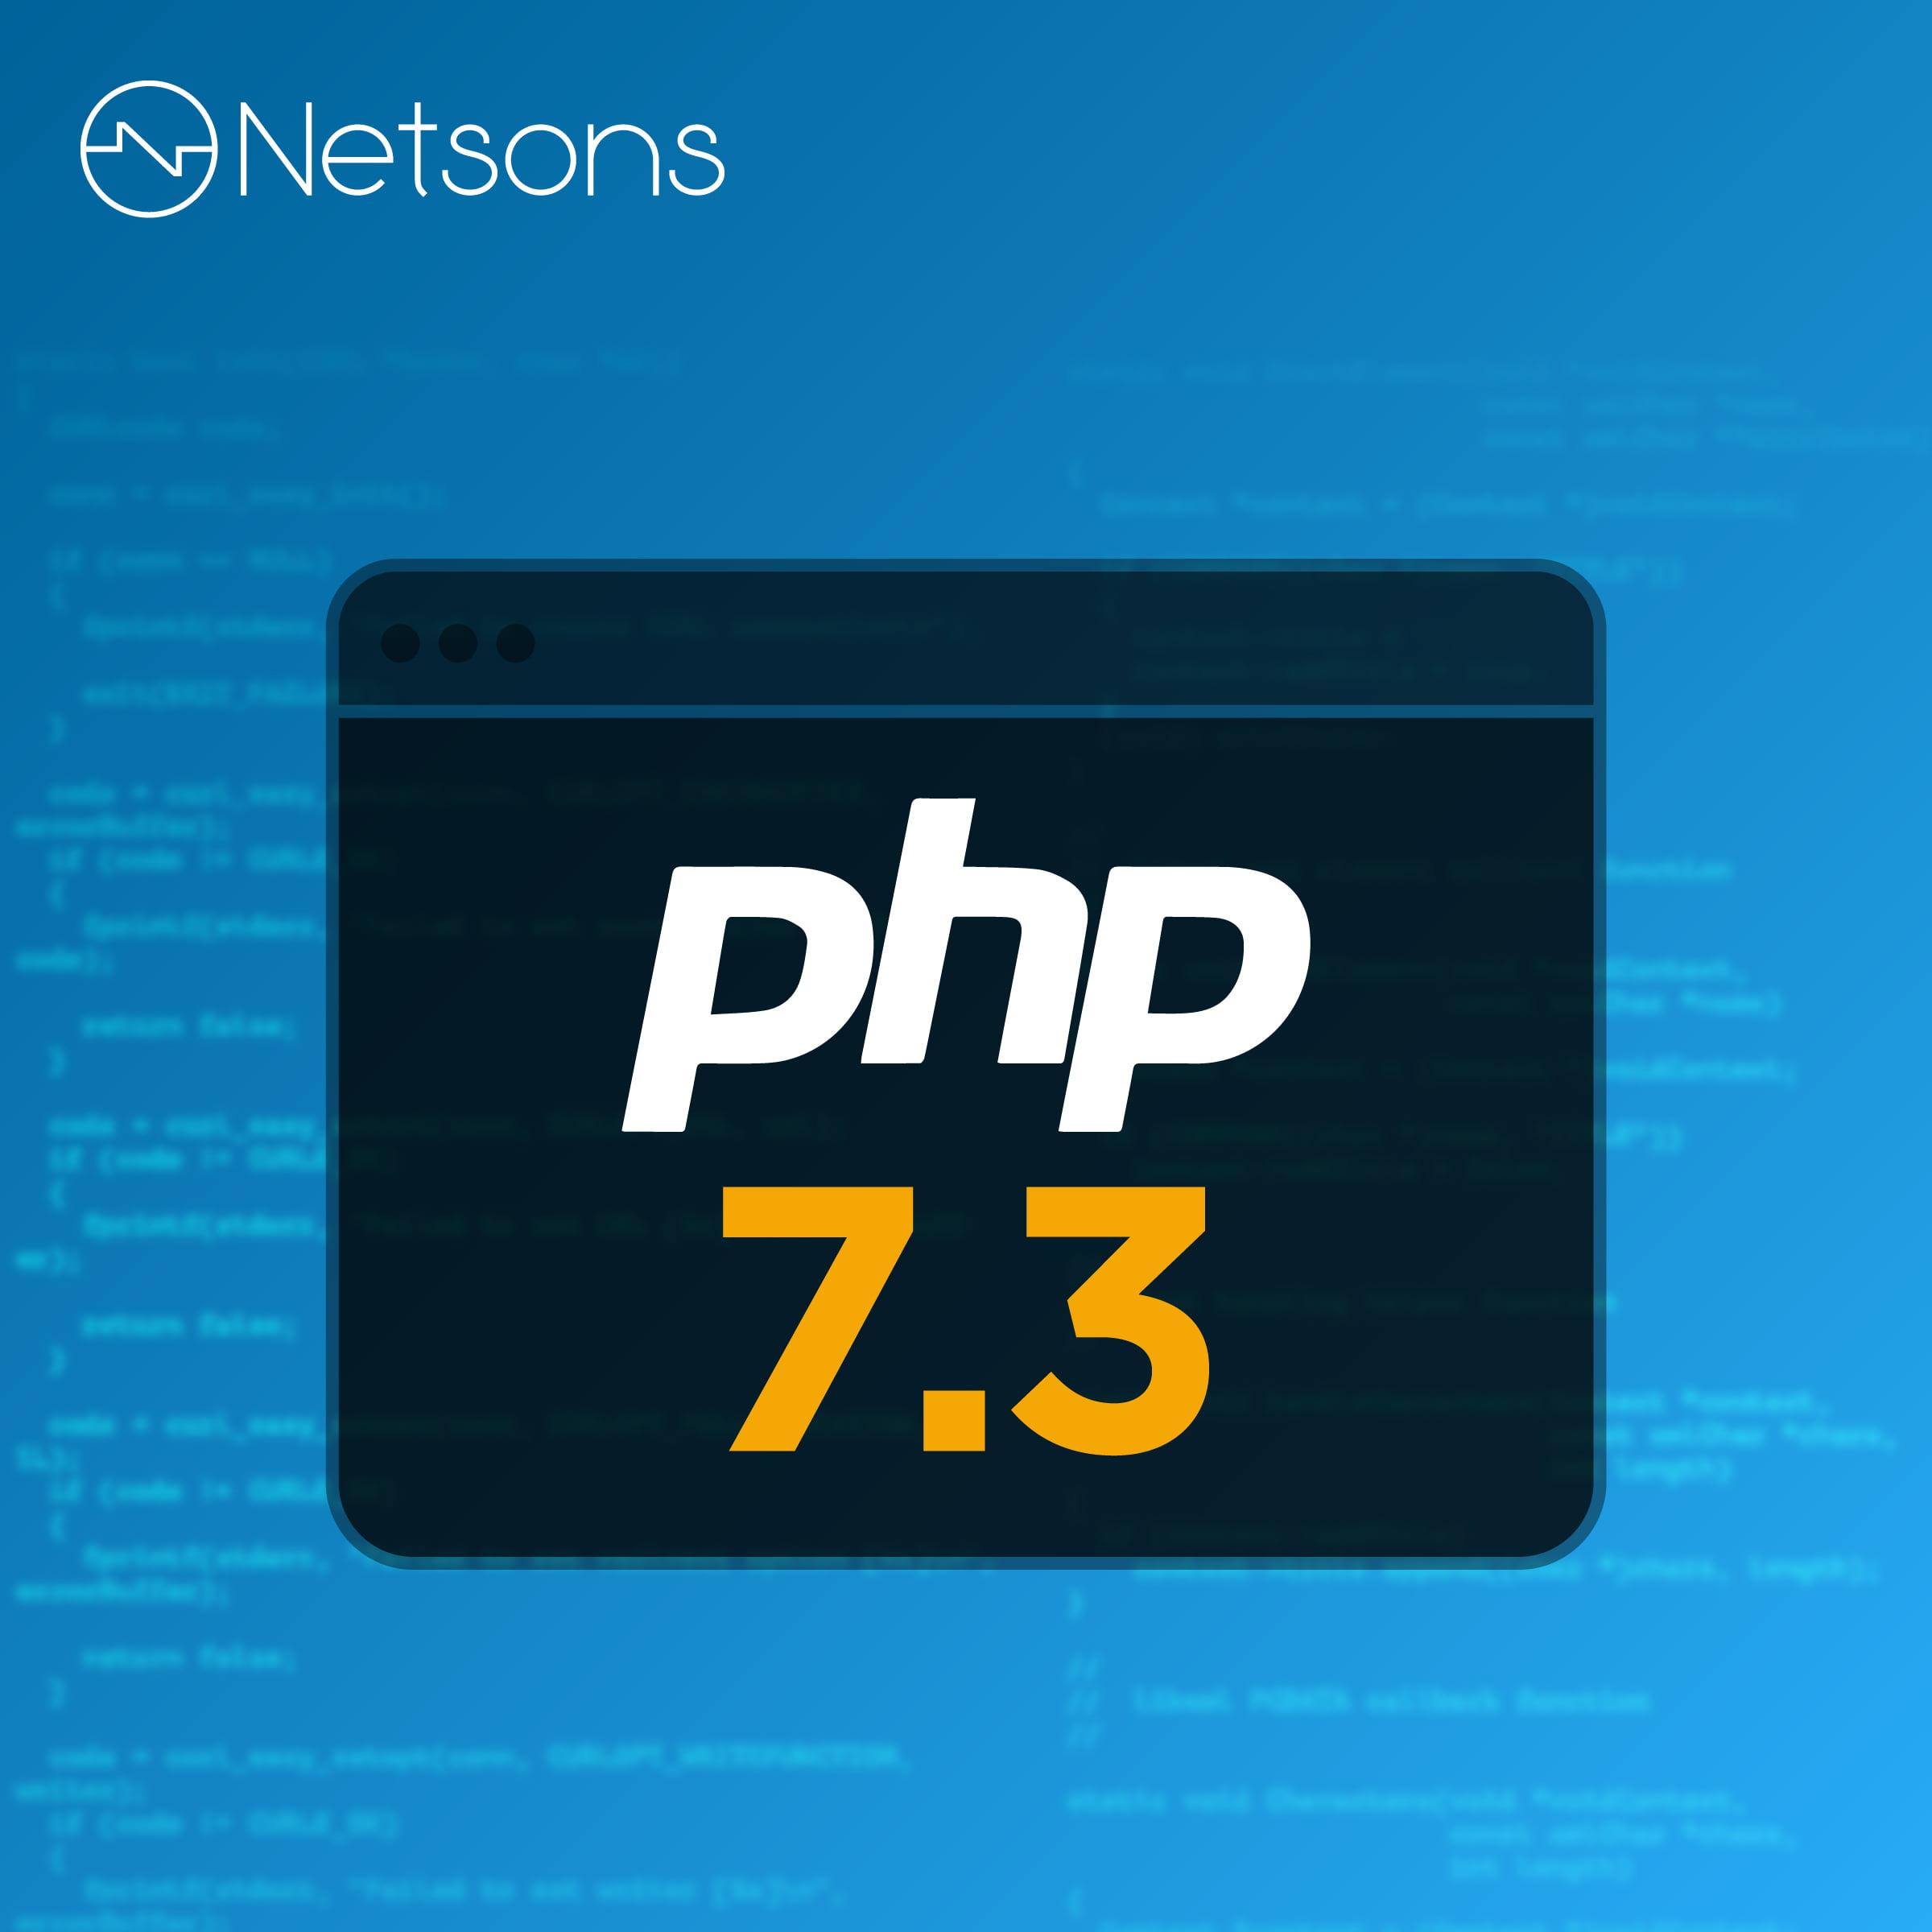 netsons aggiornamento php 7.3